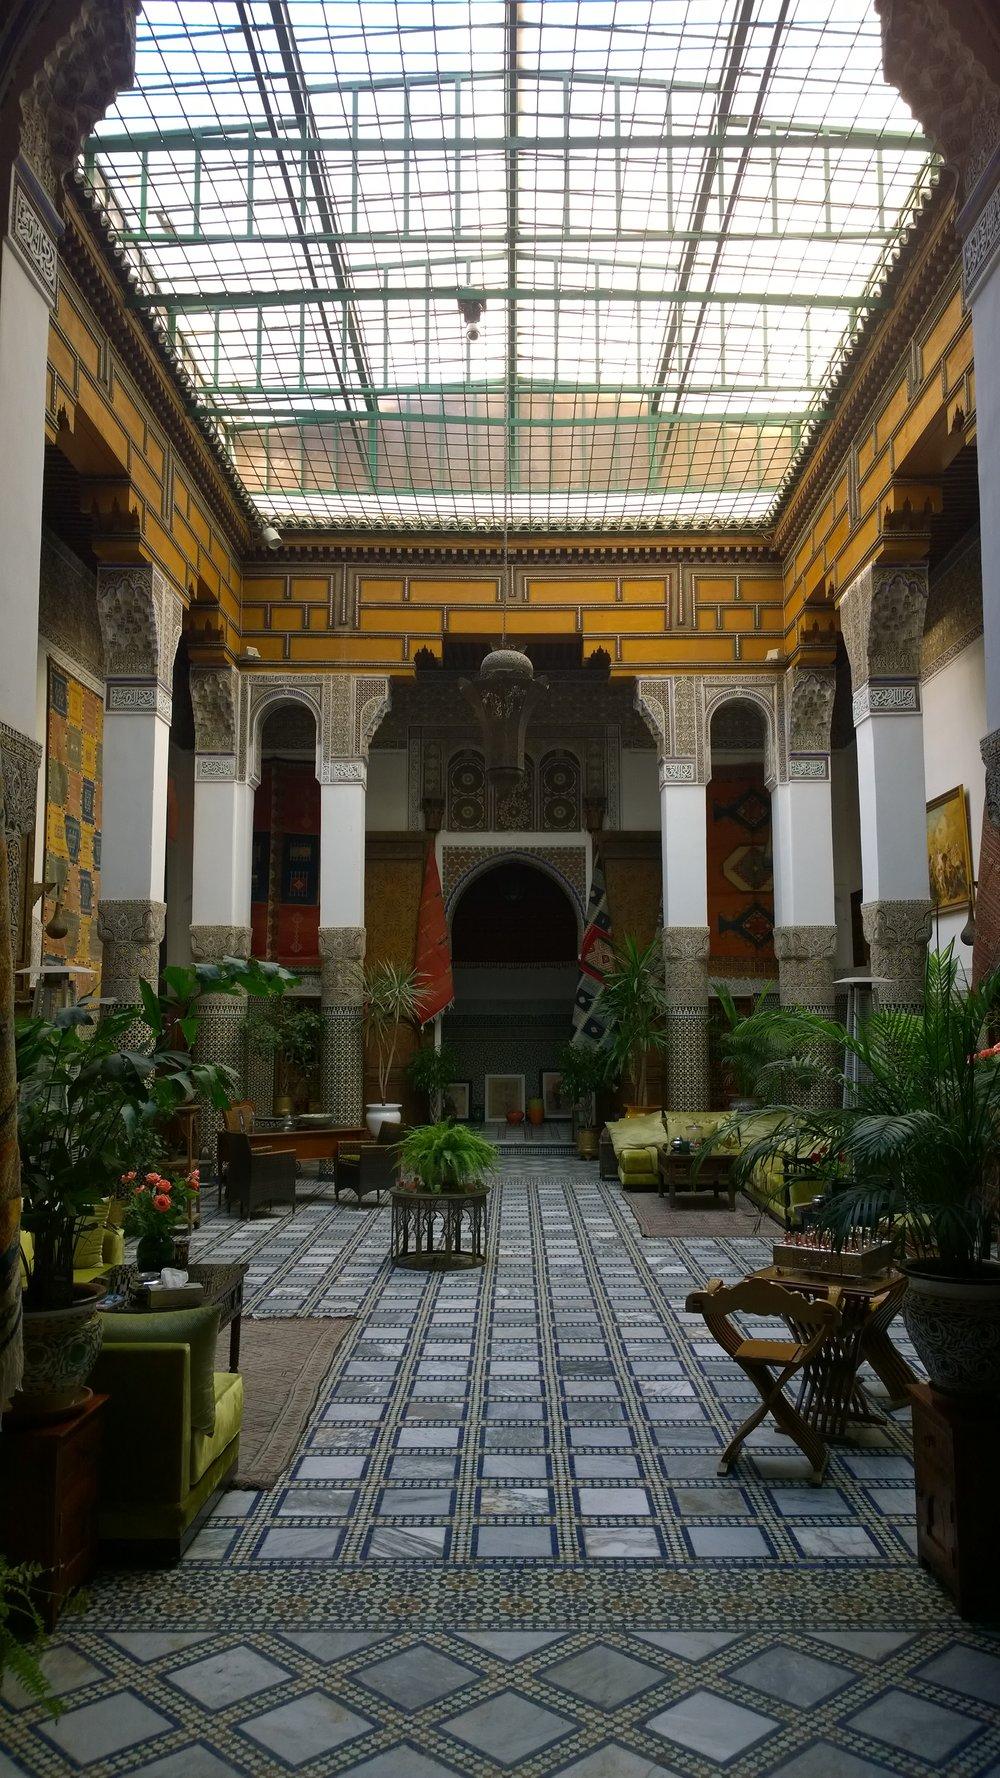 Hotellimme vastaanotto - aikoinaan paikka kuului rikkaalle mattokauppiaalle... Nyt se on muutaman huoneen Riadi eli majatalo.